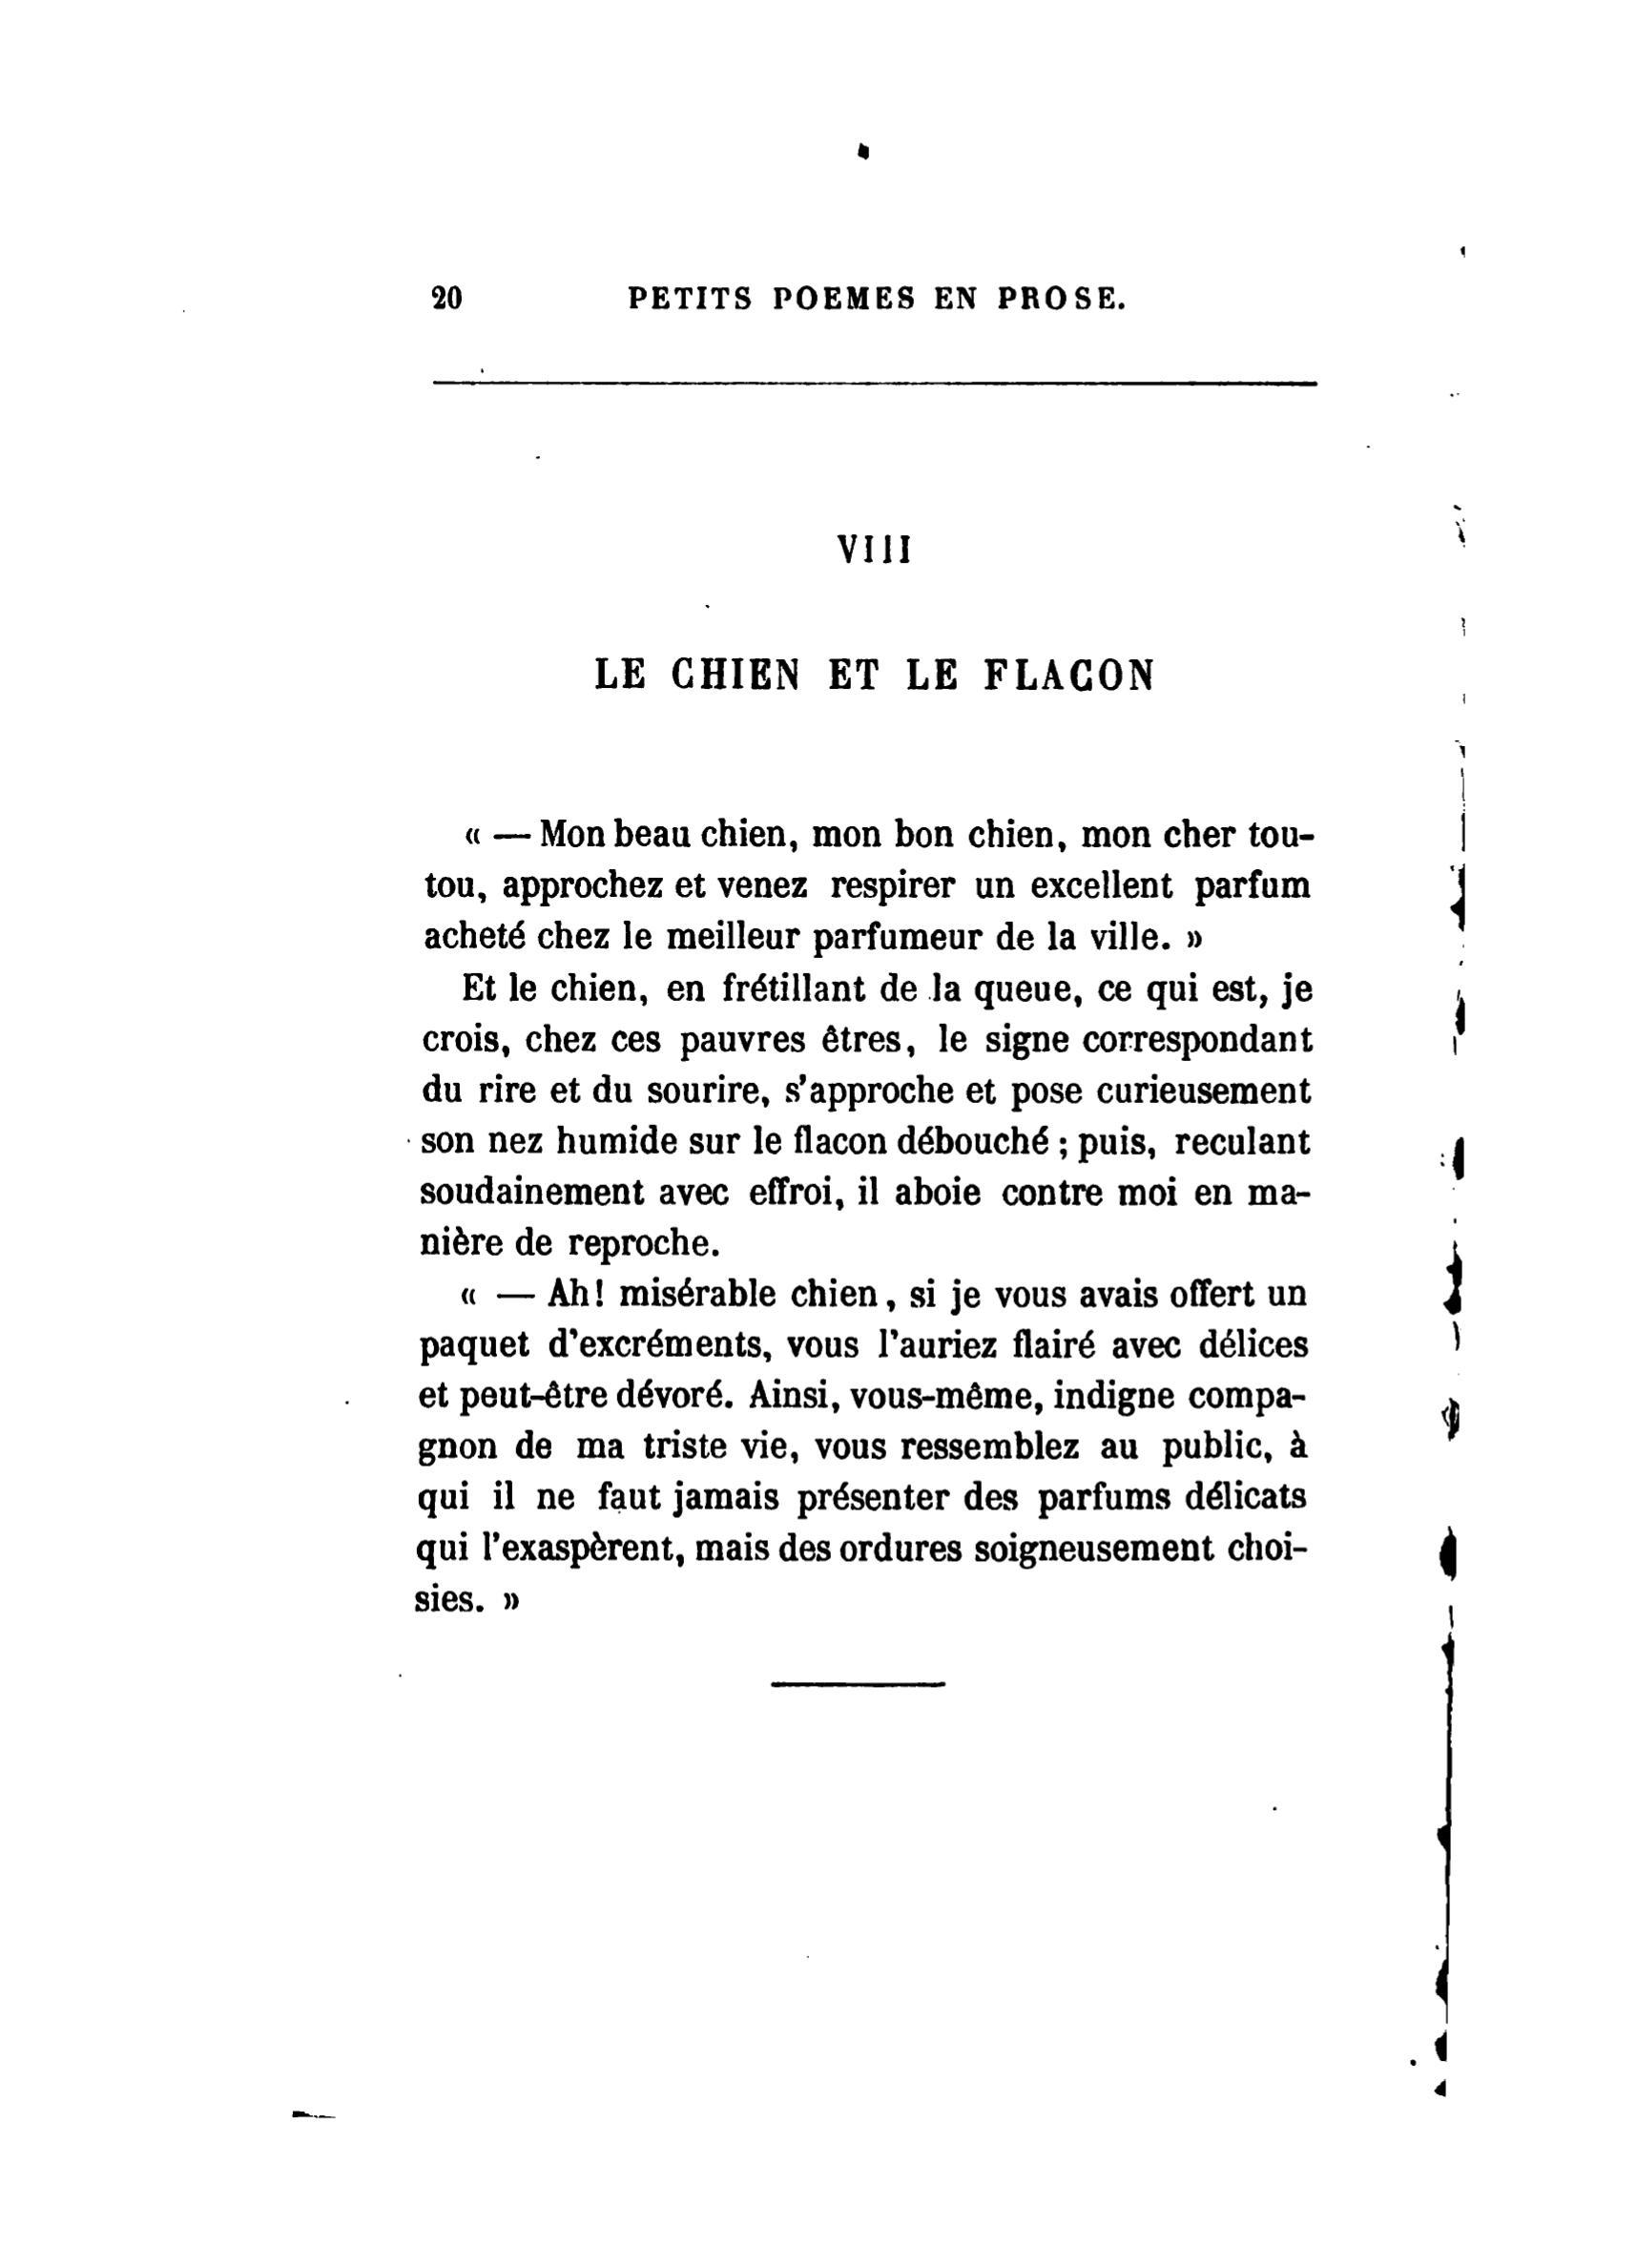 Pagebaudelaire Petits Poèmes En Prose 1868djvu28